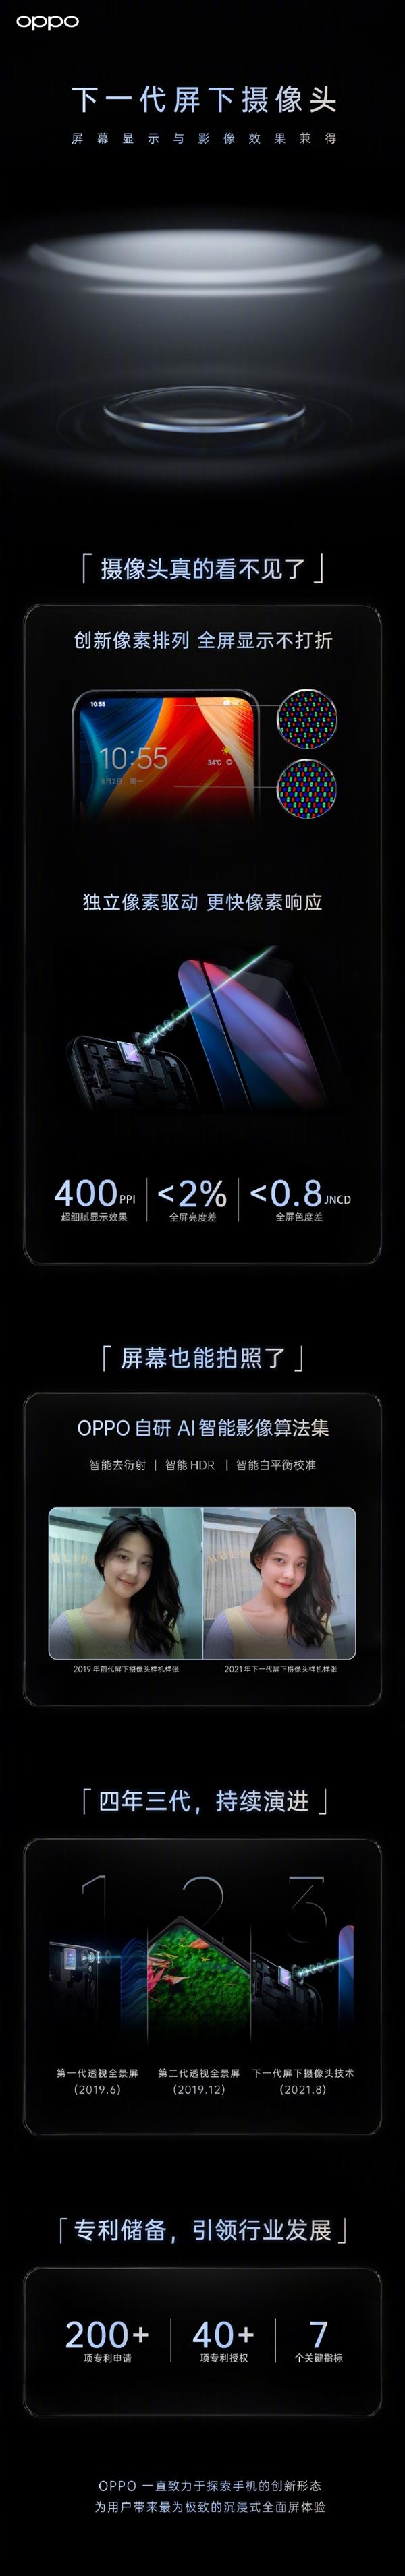 一图了解OPPO下一代屏下摄像头技术:屏幕显示与自拍二者兼得